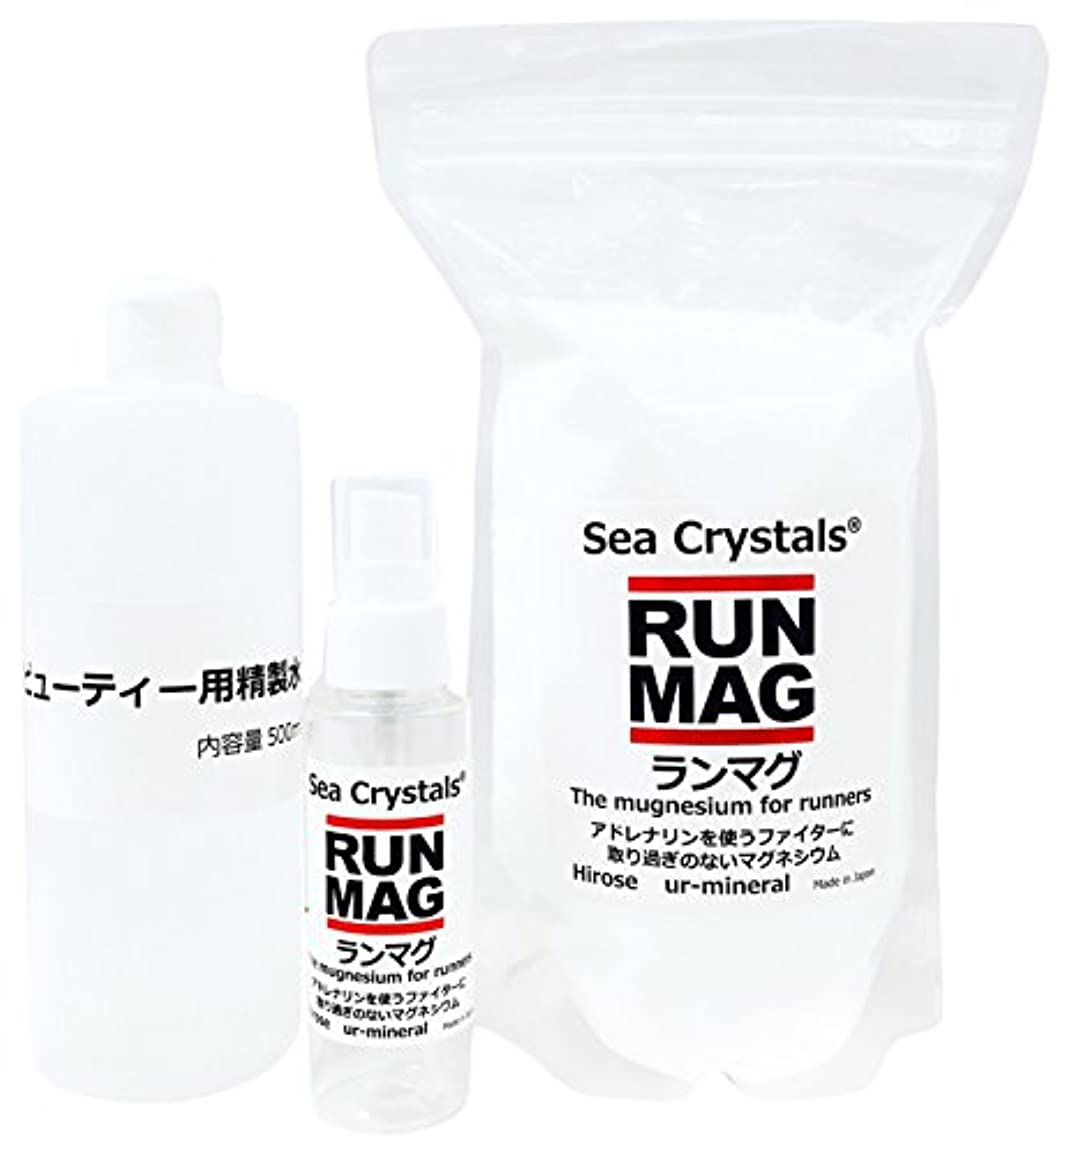 米国ブロックする消防士ランマグ?マグネシウムオイル 500g 化粧品登録 日本製 1日マグネシウム360mg使用  精製水付き